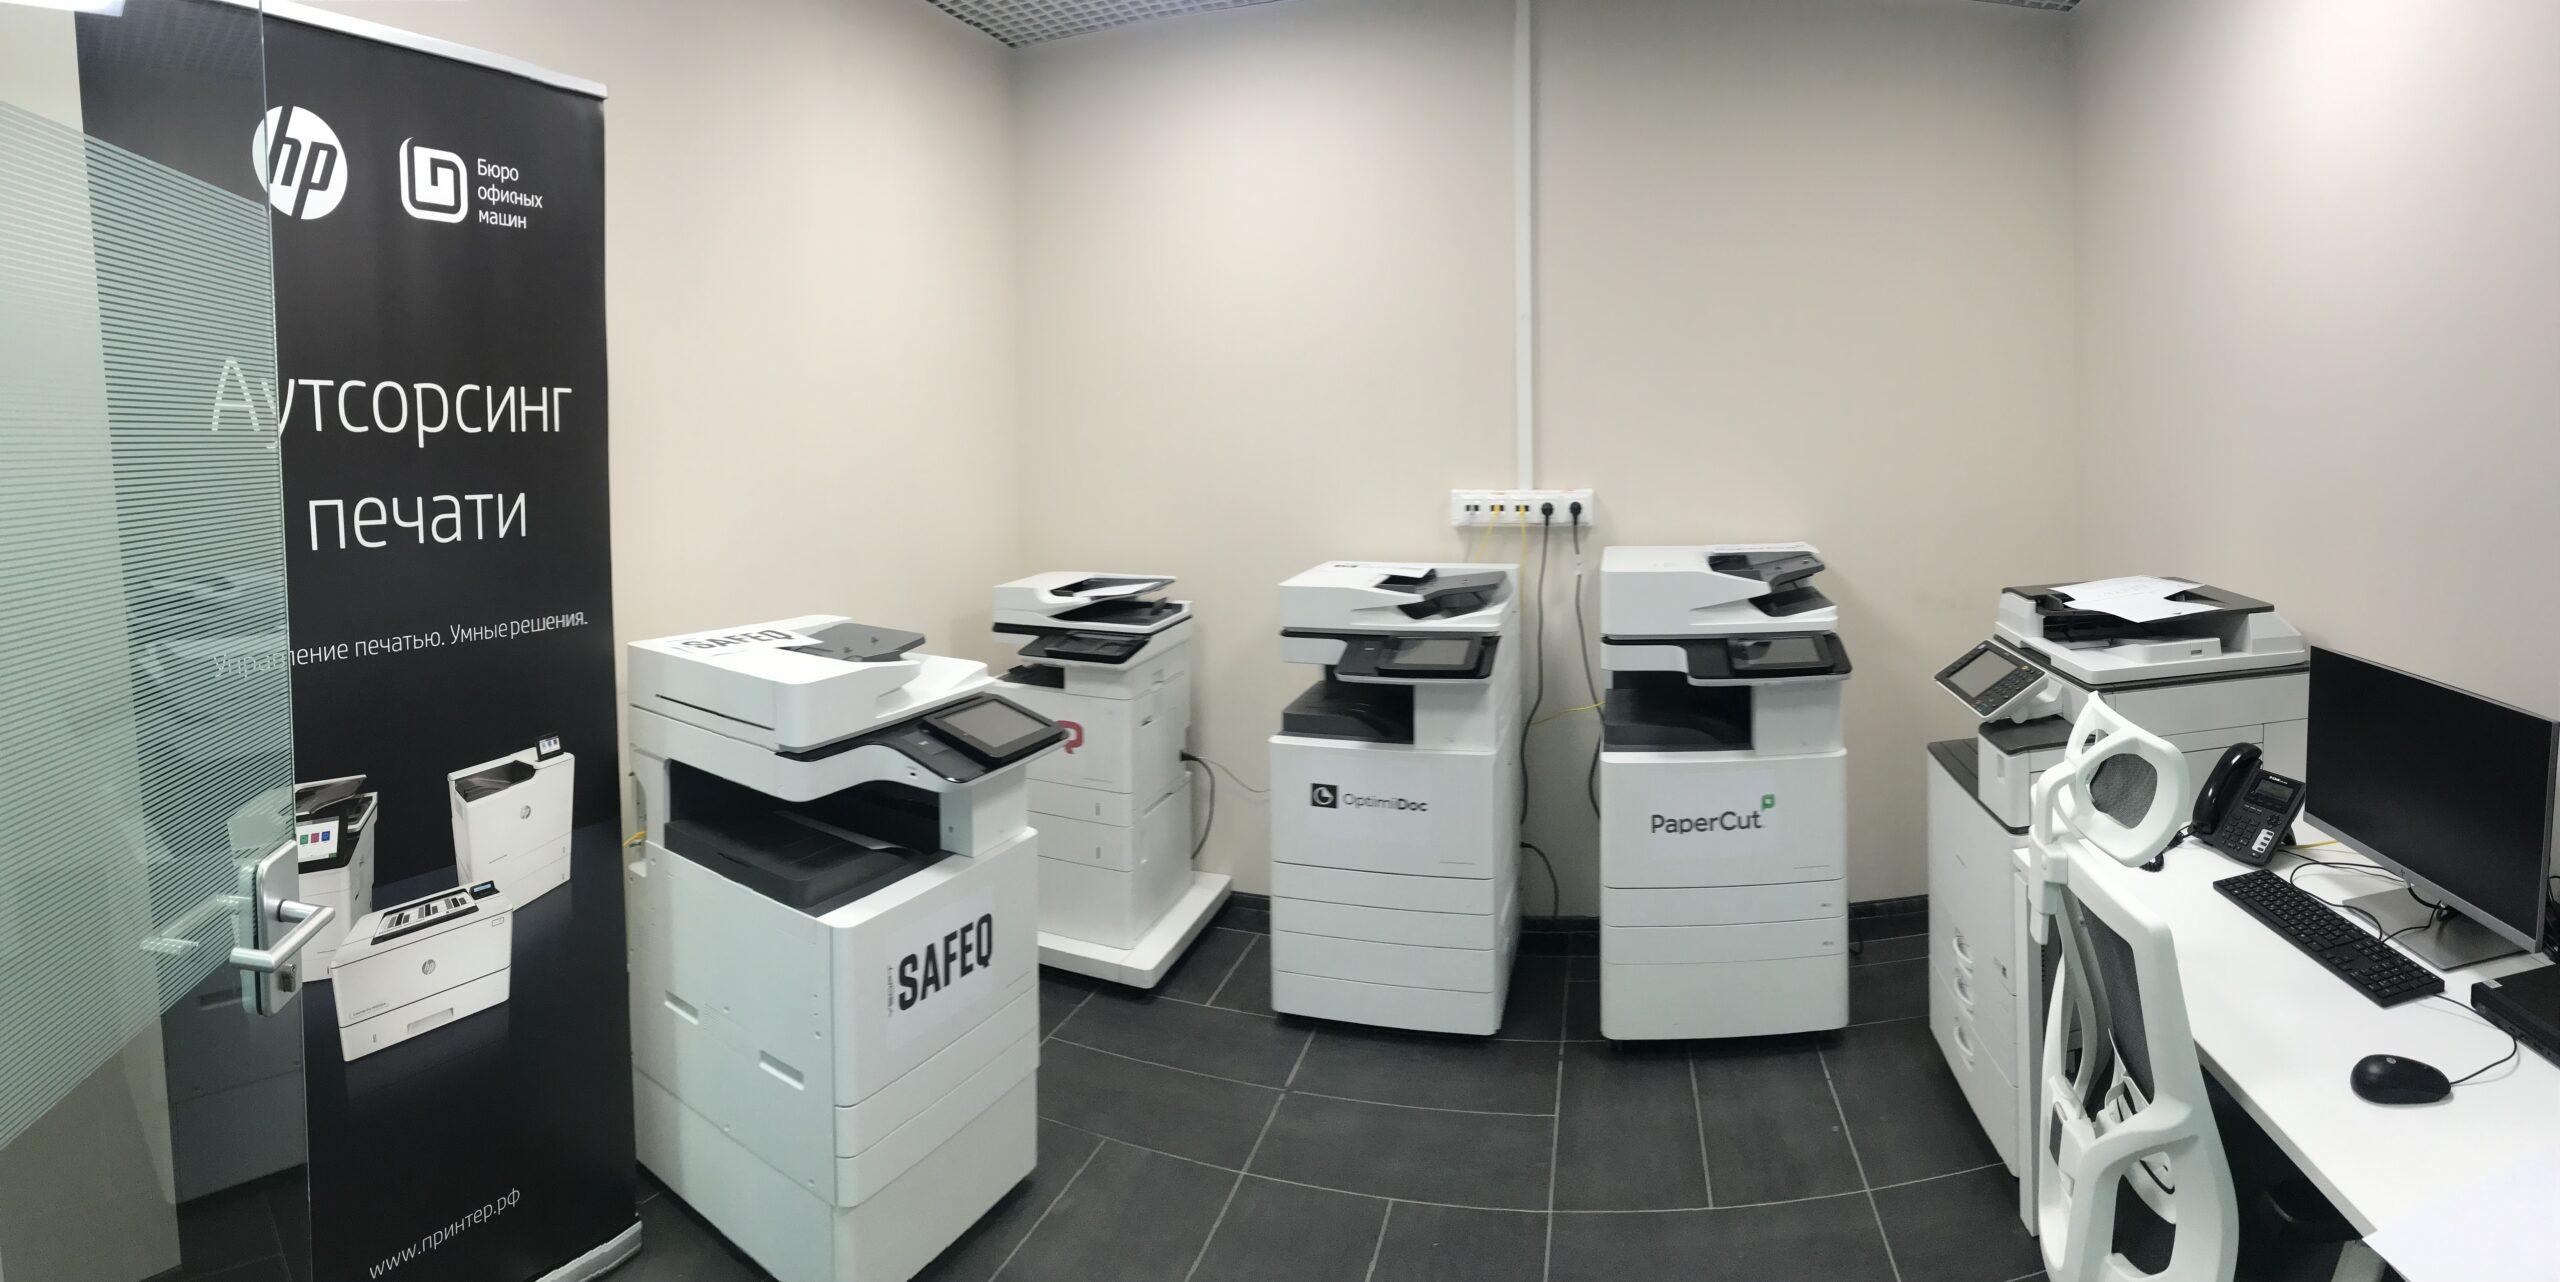 Системы управления печатью в нашем демозале: SAFEQ, MyQ, EKM, OptimiDoc и PaperCut.